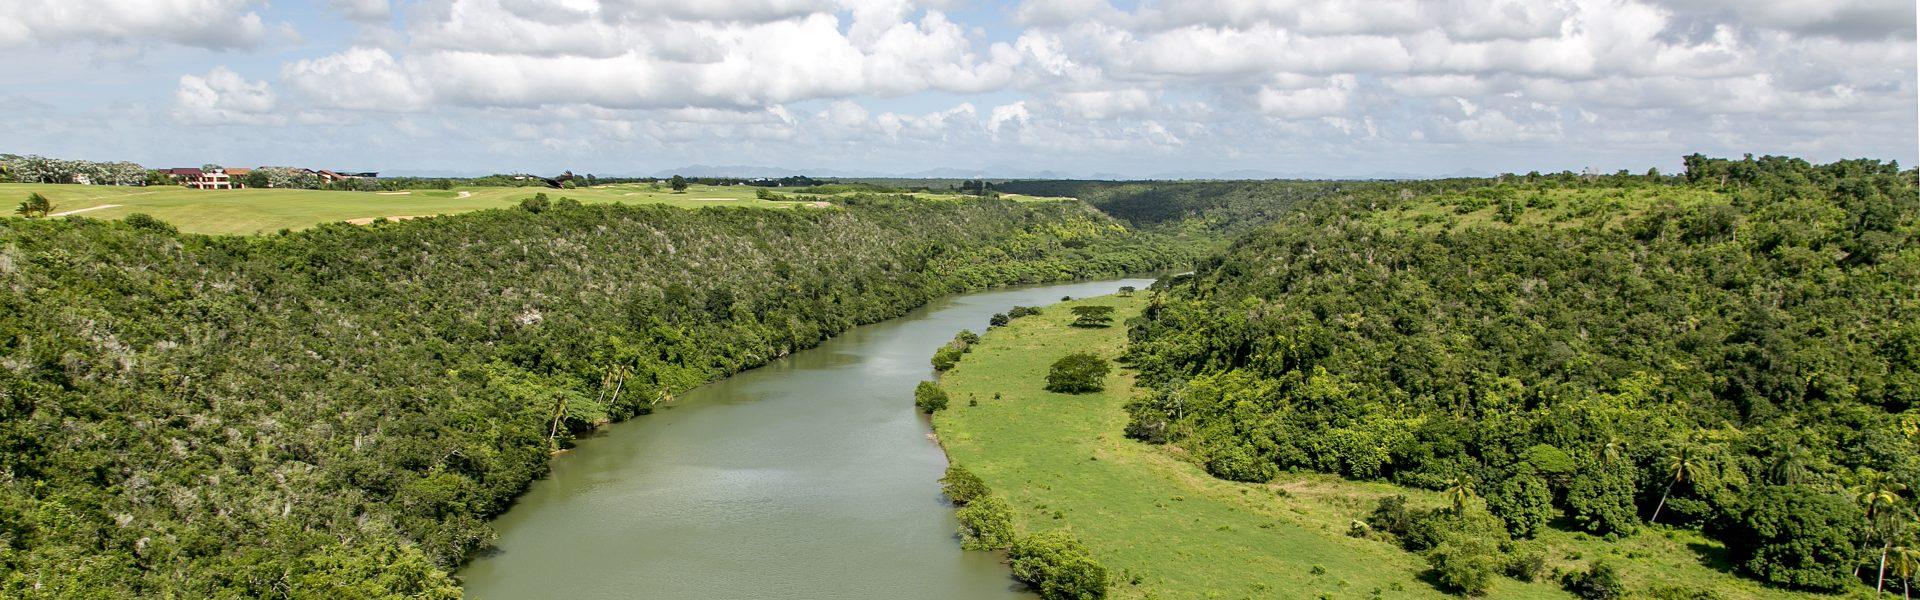 Rio de Chavon